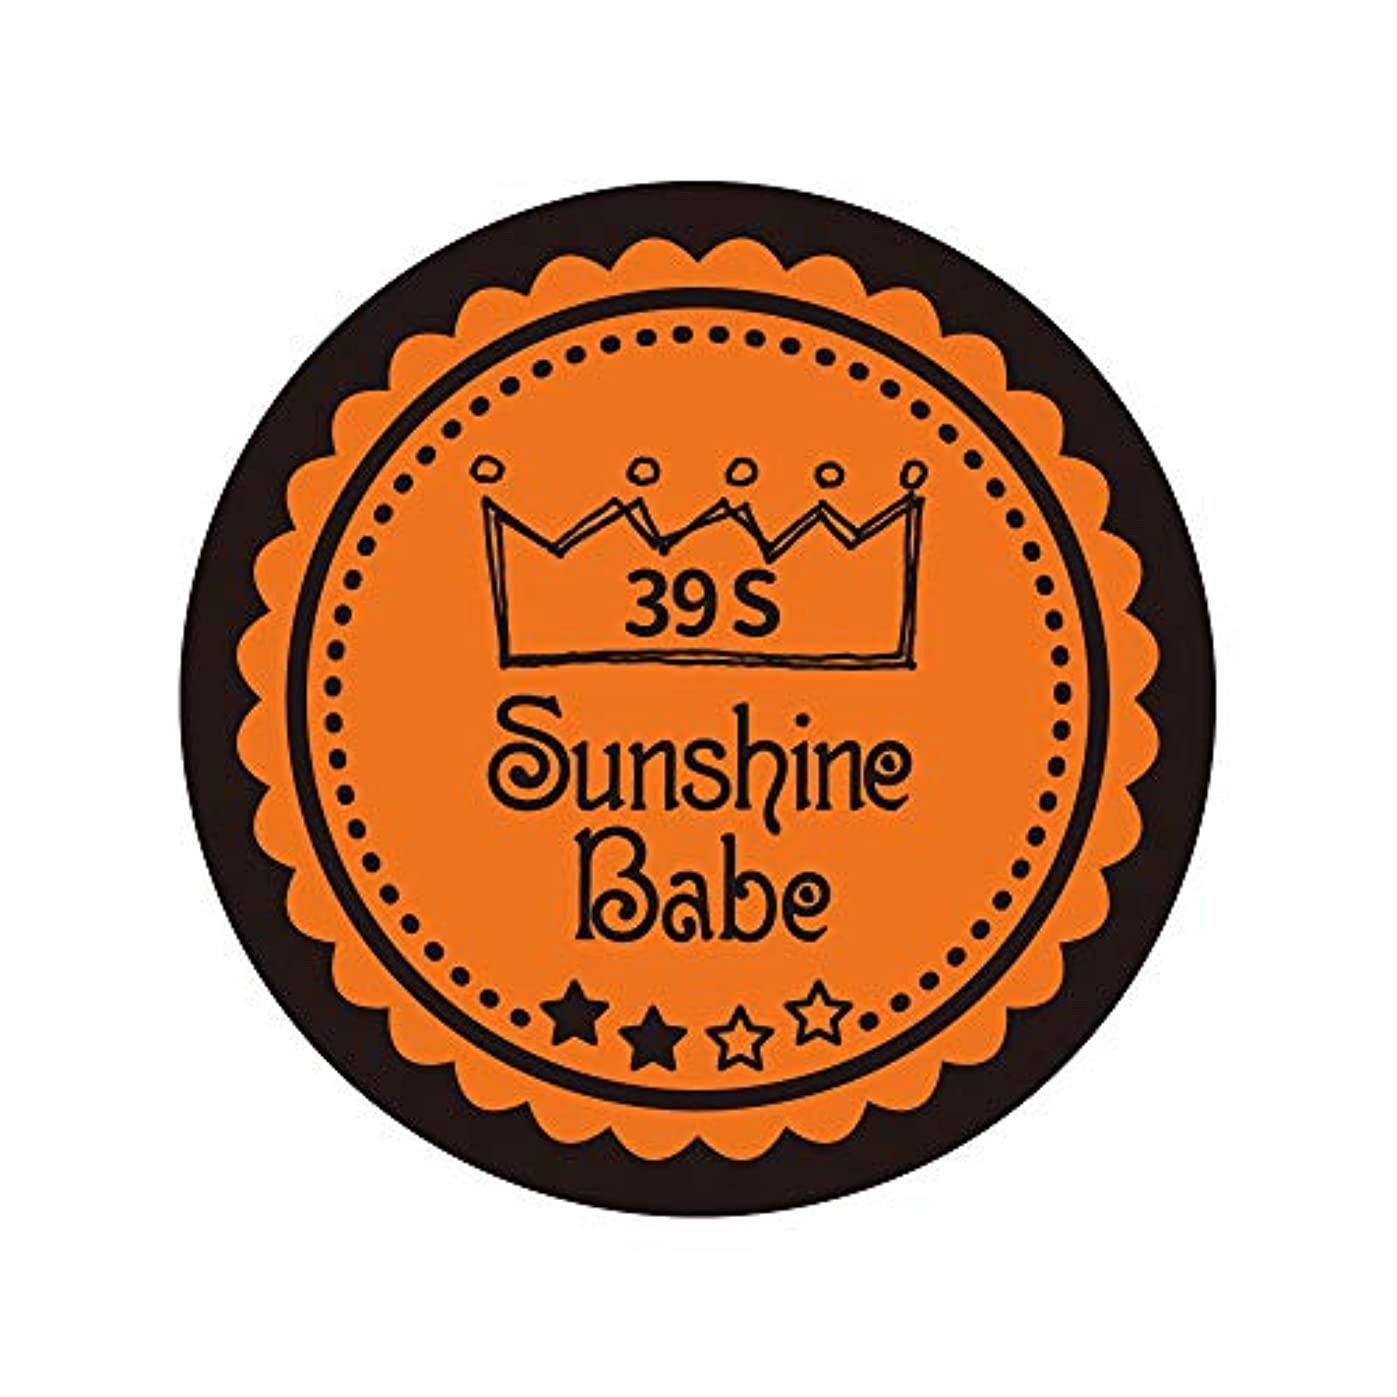 ボールジョセフバンクスレギュラーSunshine Babe カラージェル 39S ラセットオレンジ 2.7g UV/LED対応